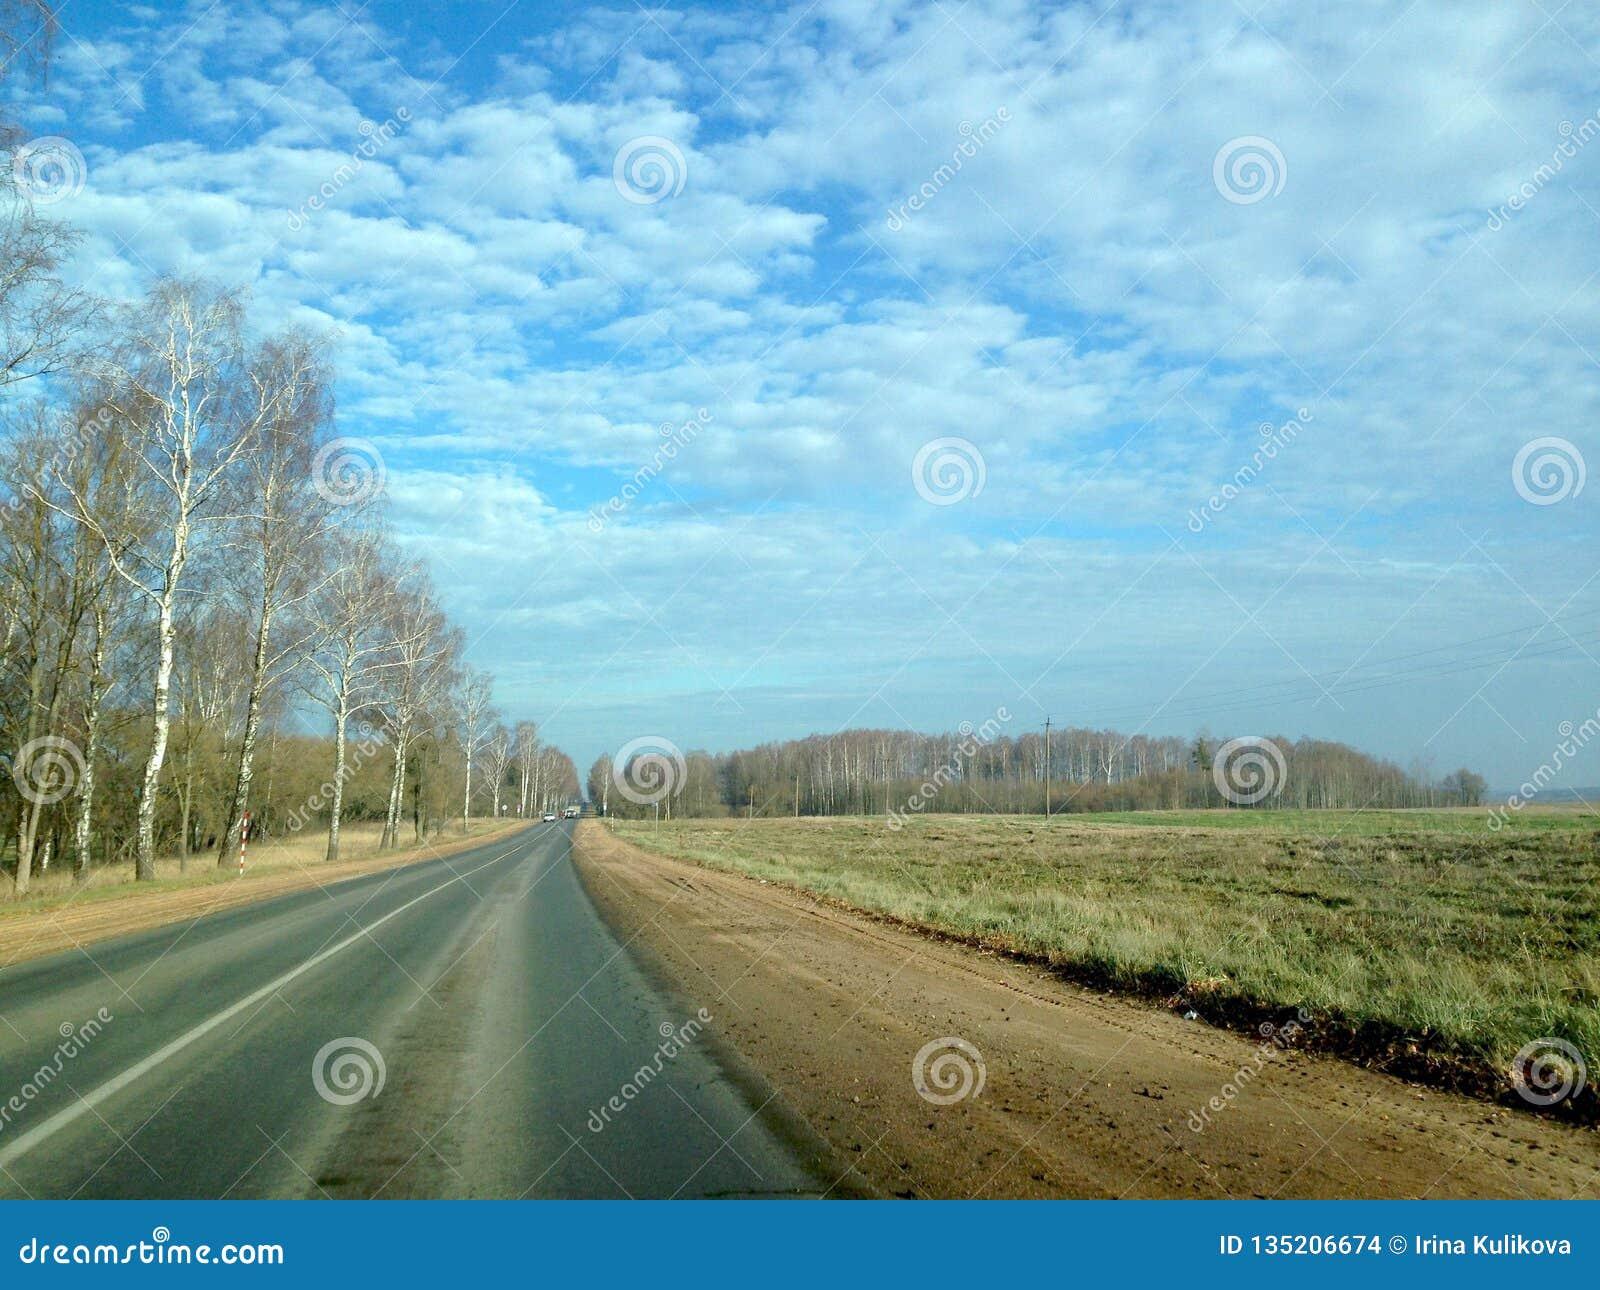 Заасфальтируйте дорогу в ретро стиле через поля и леса против голубого неба с сочными облаками